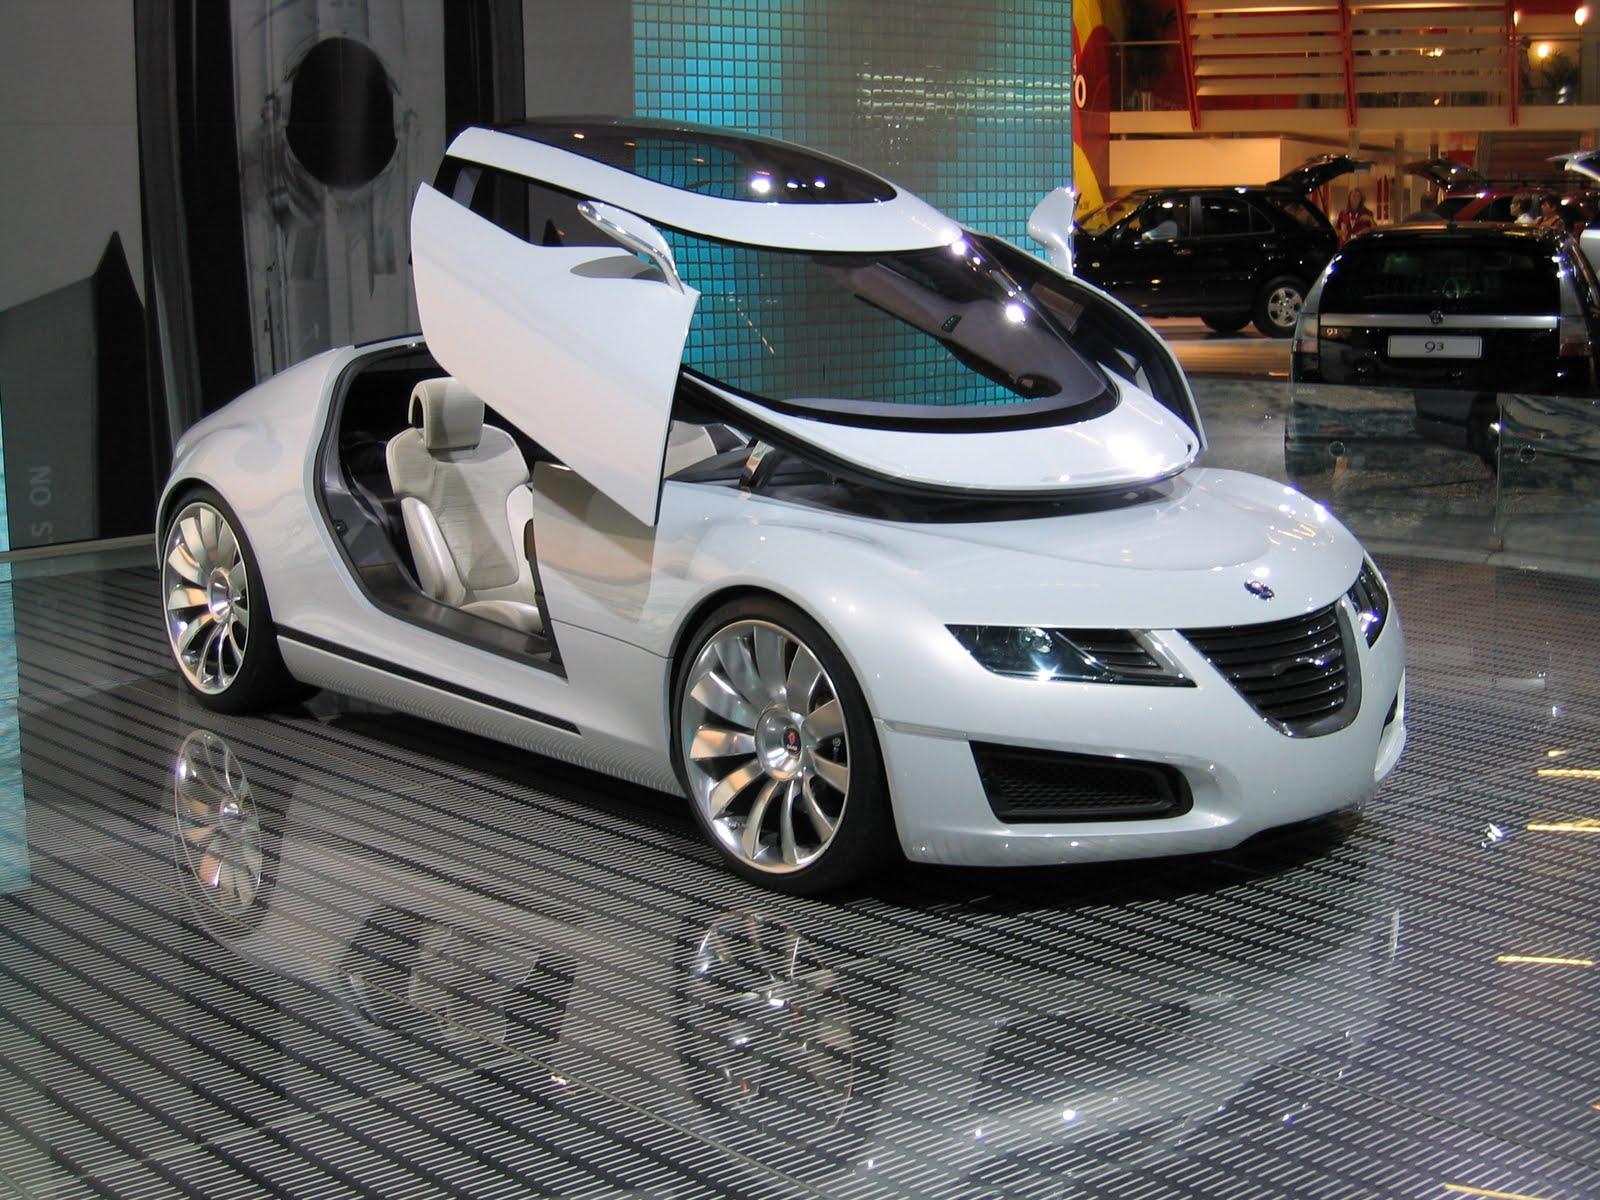 http://4.bp.blogspot.com/-kfTVtBMjgUU/TkOum8ypgfI/AAAAAAAADNM/UlVNxrOGXAE/s1600/New-Amazing-Cars-Wallpaper+%25287%2529.jpg